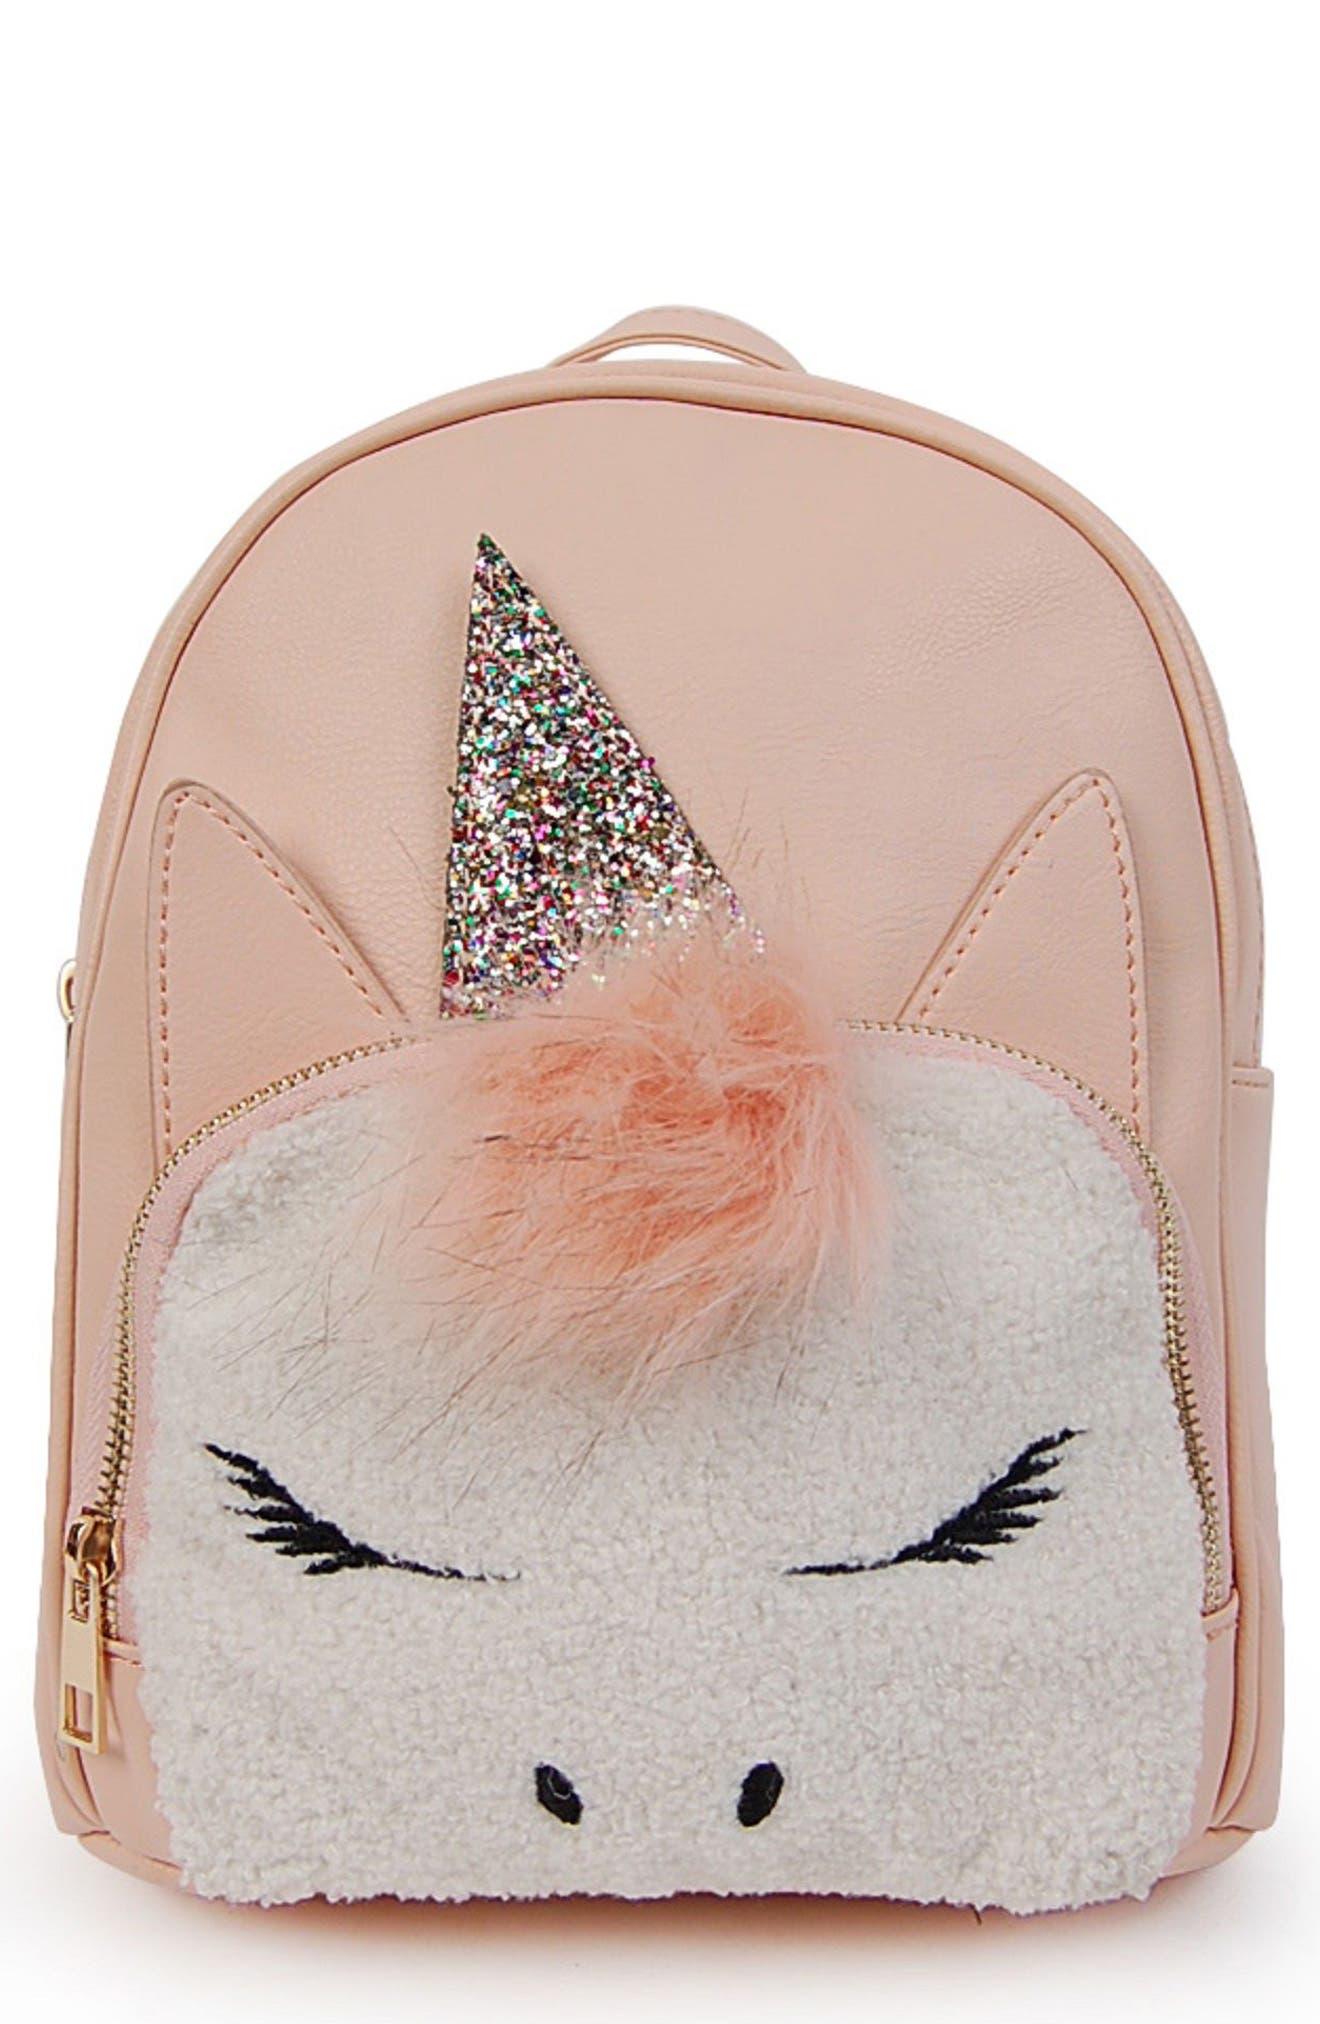 Mini Faux Fur Unicorn Backpack,                             Main thumbnail 1, color,                             BLUSH